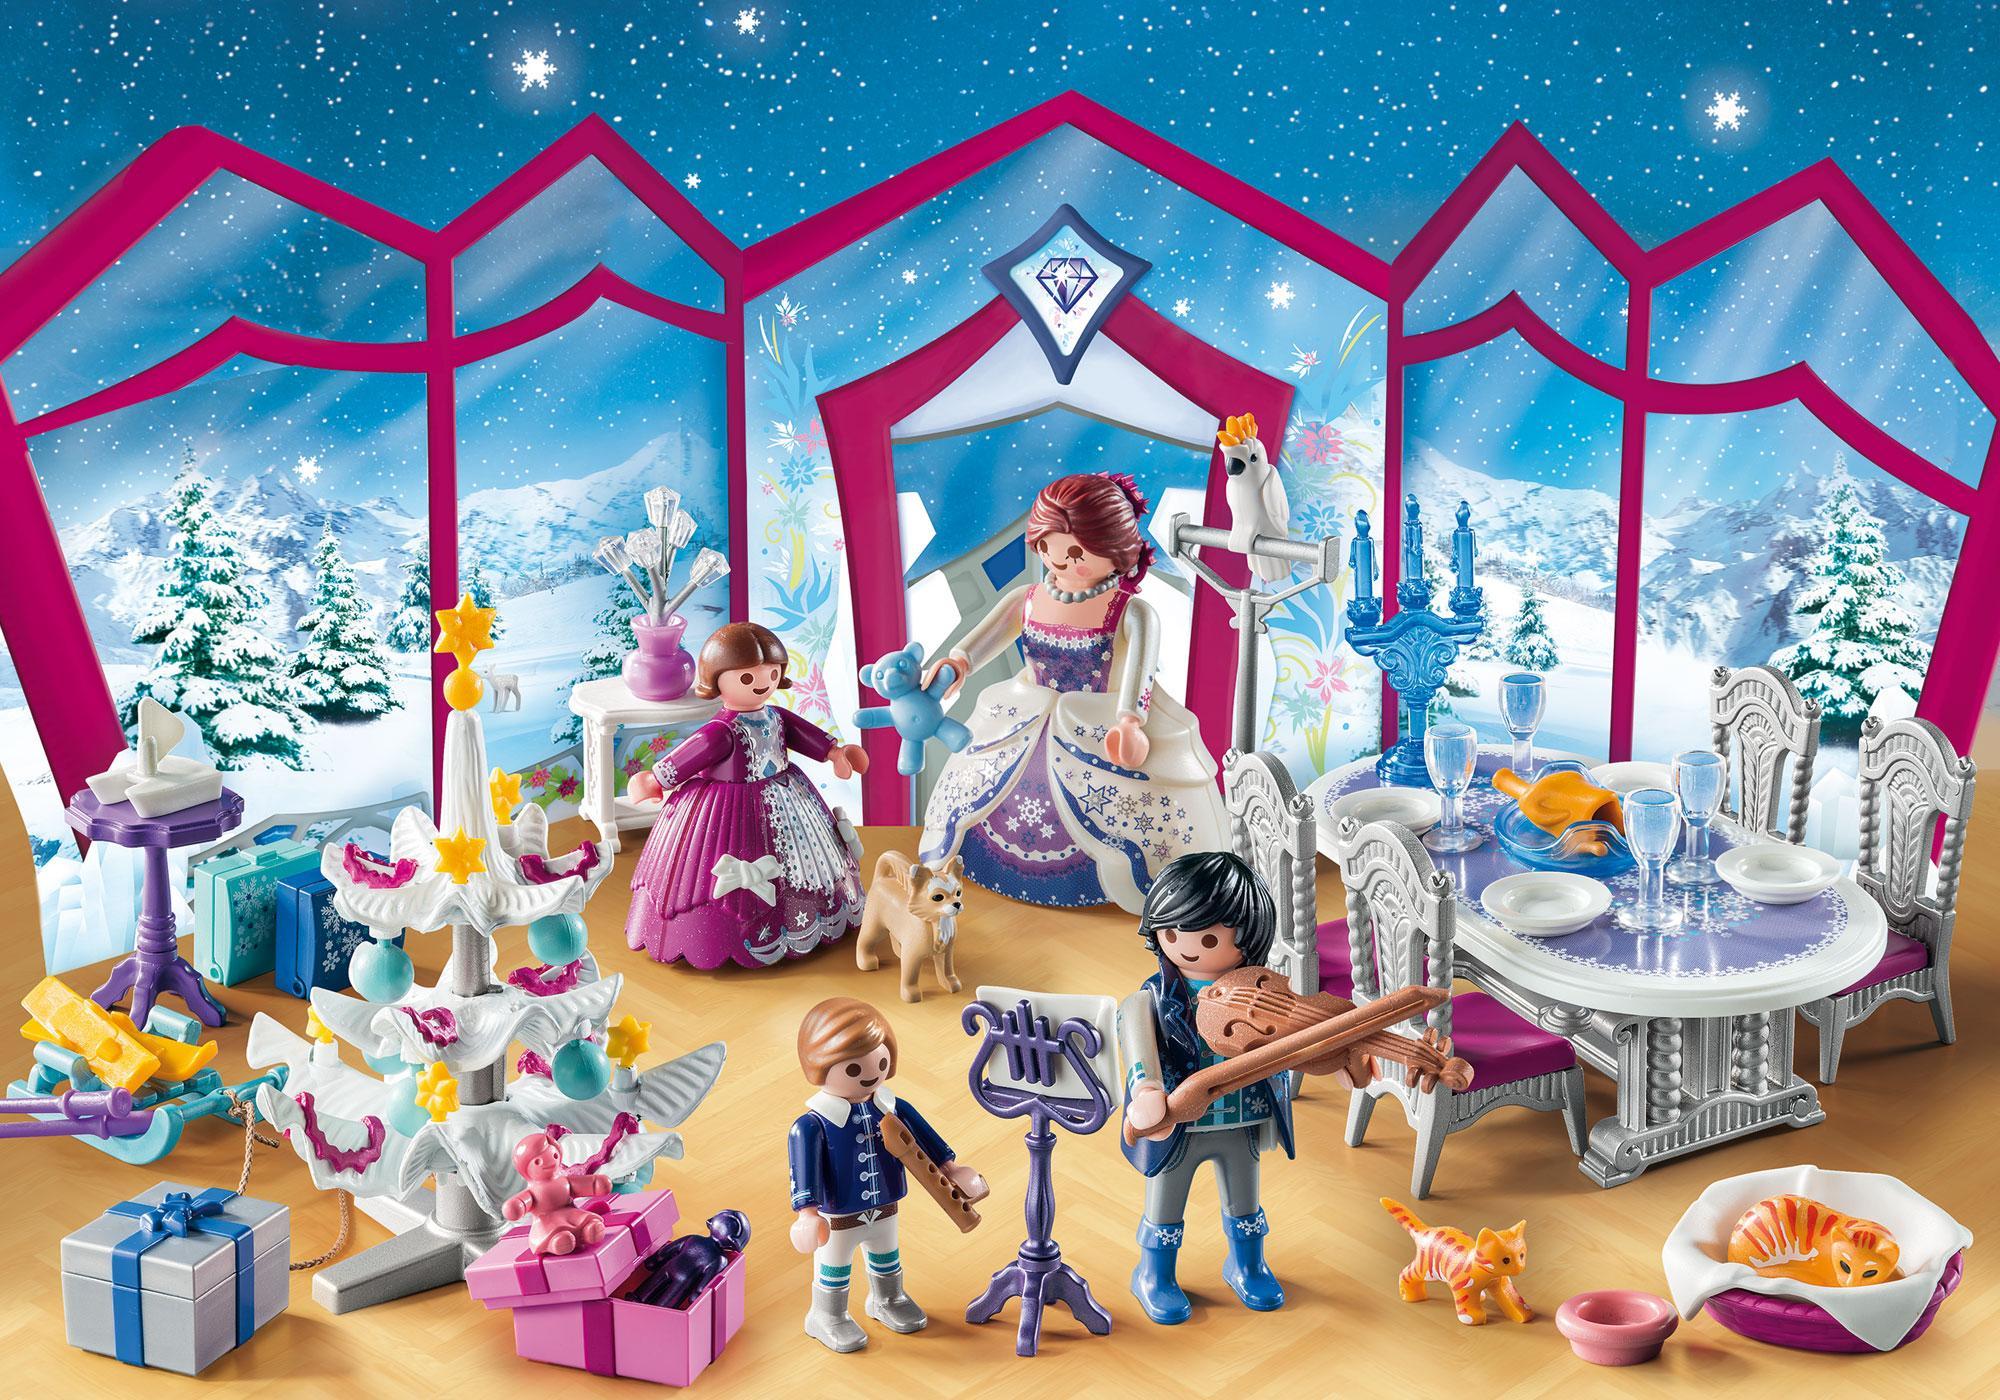 """http://media.playmobil.com/i/playmobil/9485_product_extra1/Calendario de Adviento """"Baile de Navidad en el Salón de Cristal"""""""